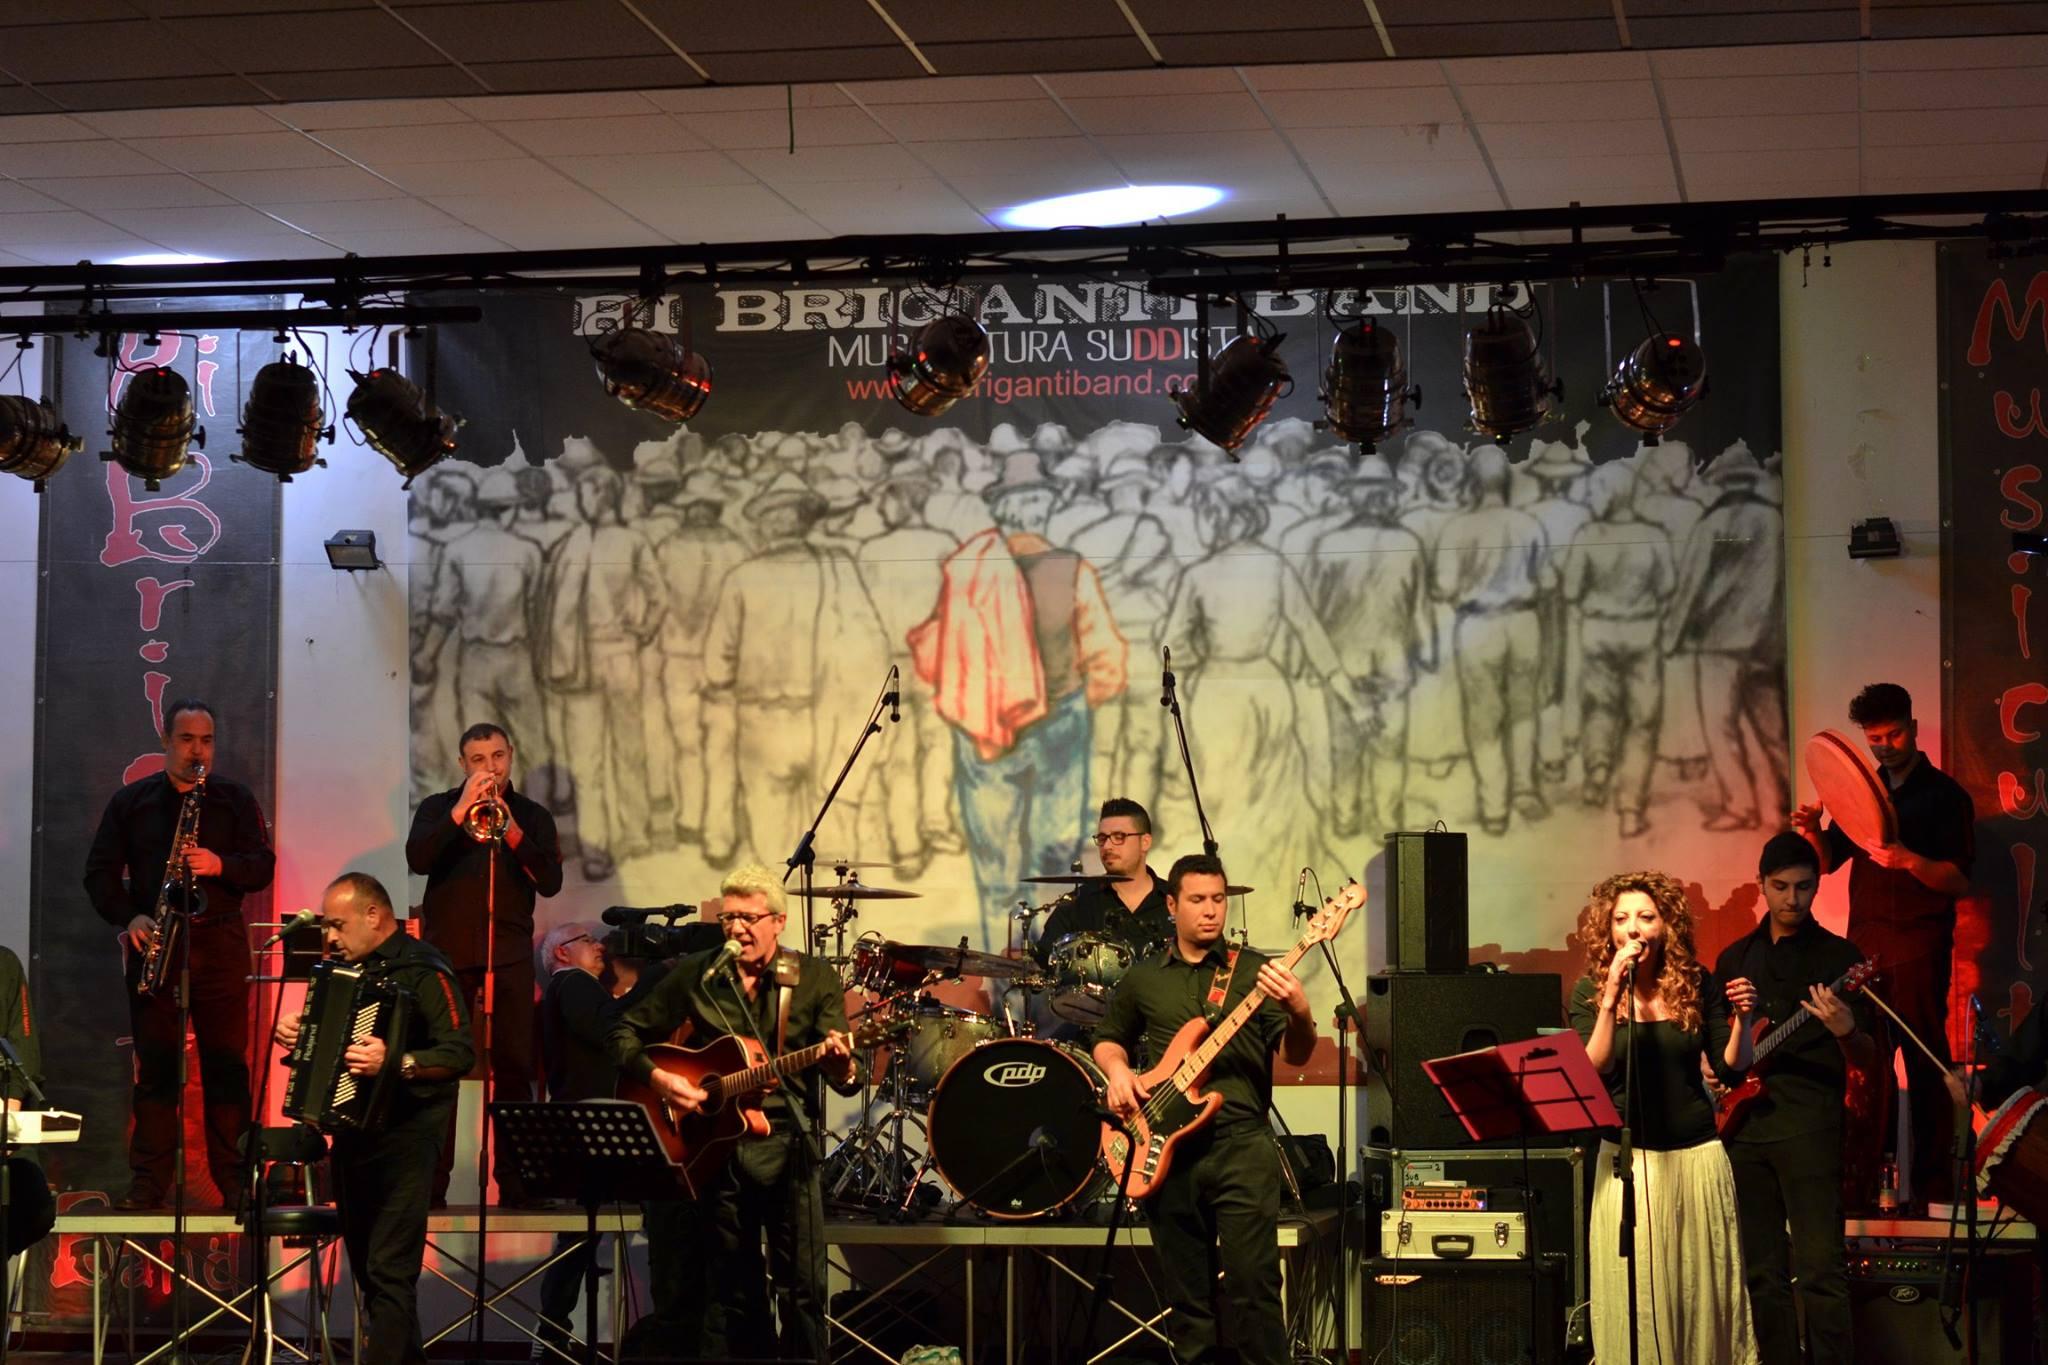 RBB Ri Briganti Band su Musica Popolare Italiana